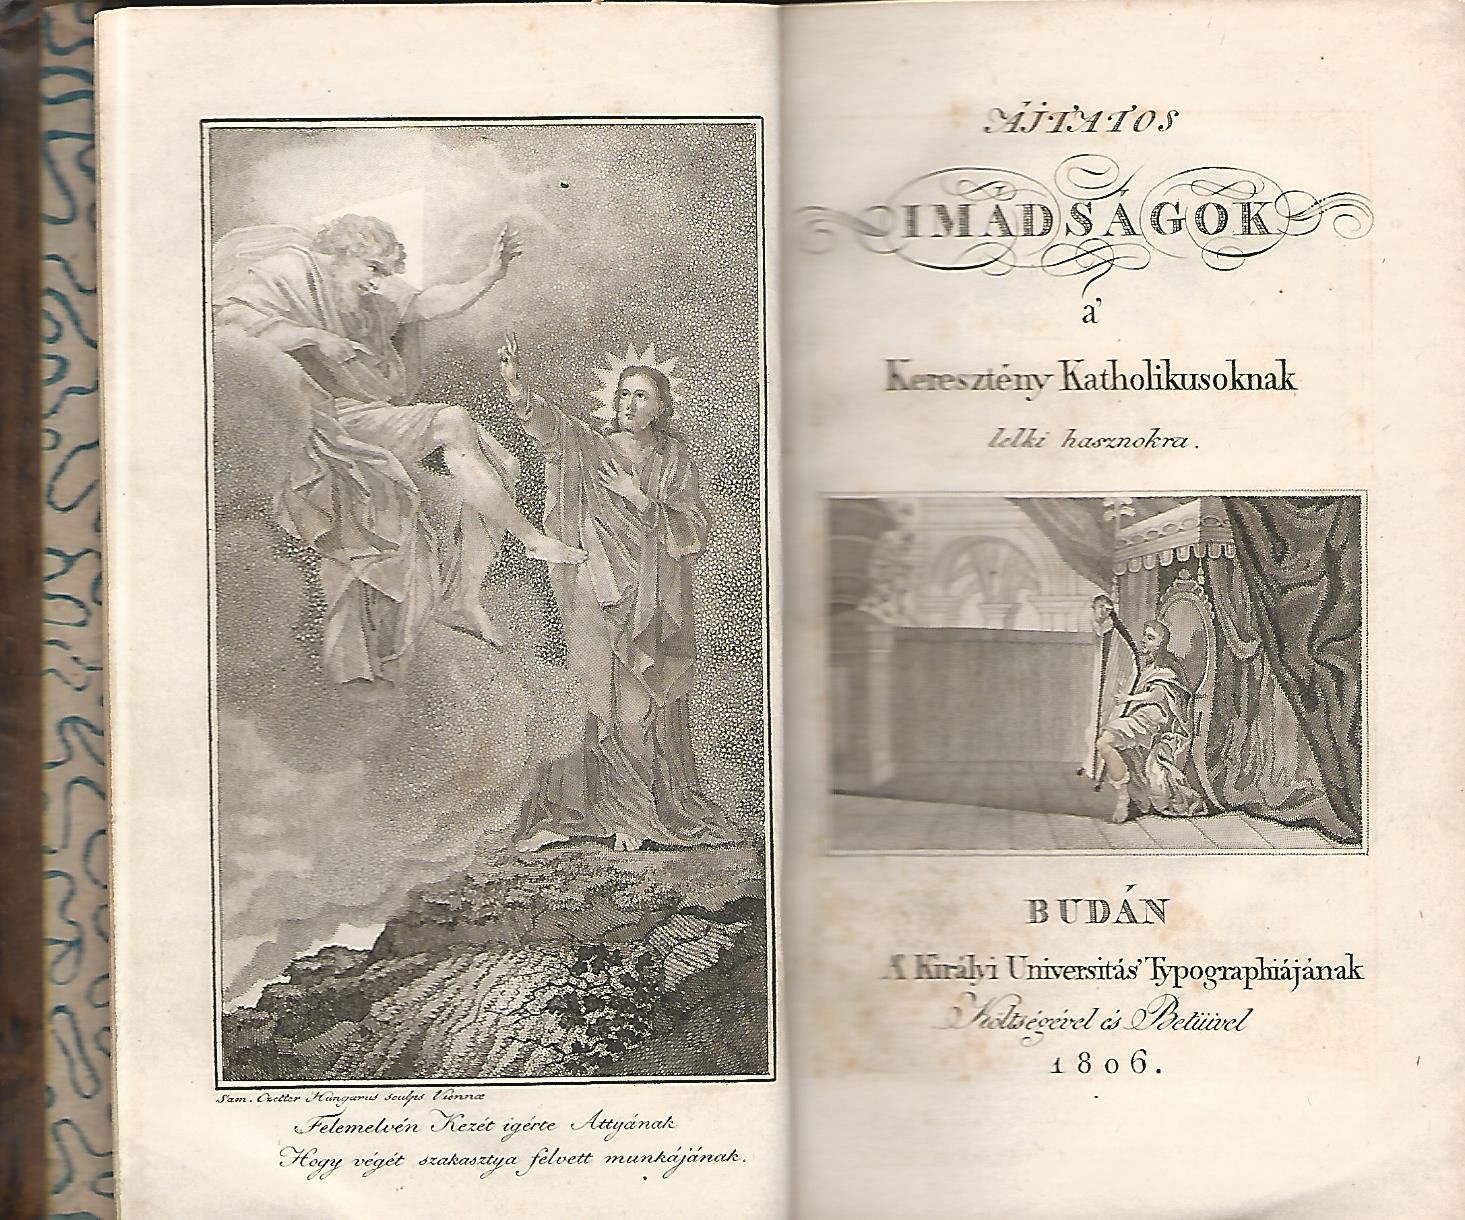 Fejér György Ájtatos imádságok, belső címlap Buda, 1806